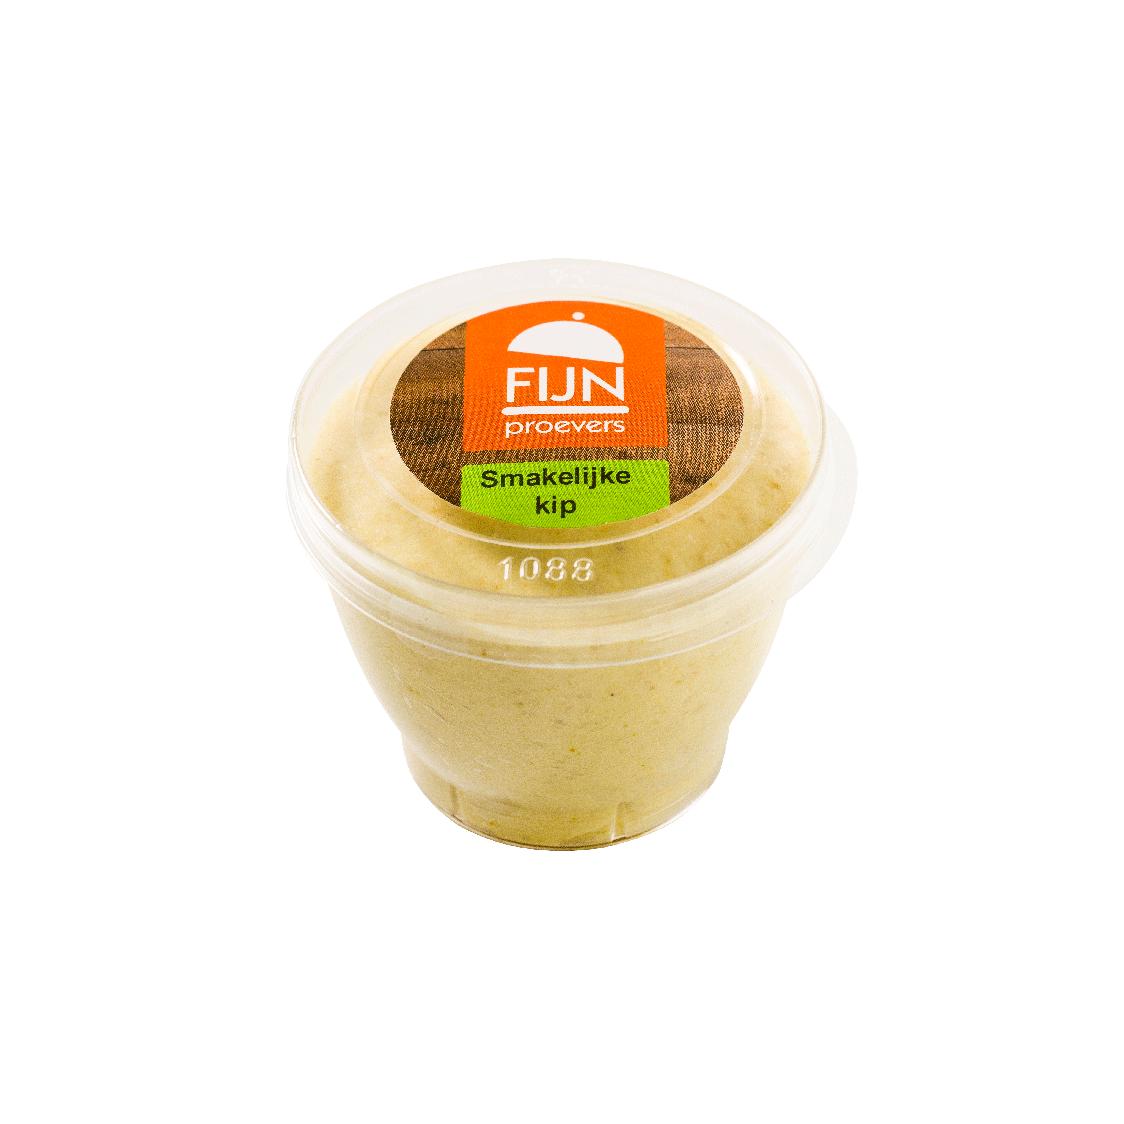 Tussendoortje kip mousse voor slikproblemen eiwitverrijkt van fijnproevers productfoto